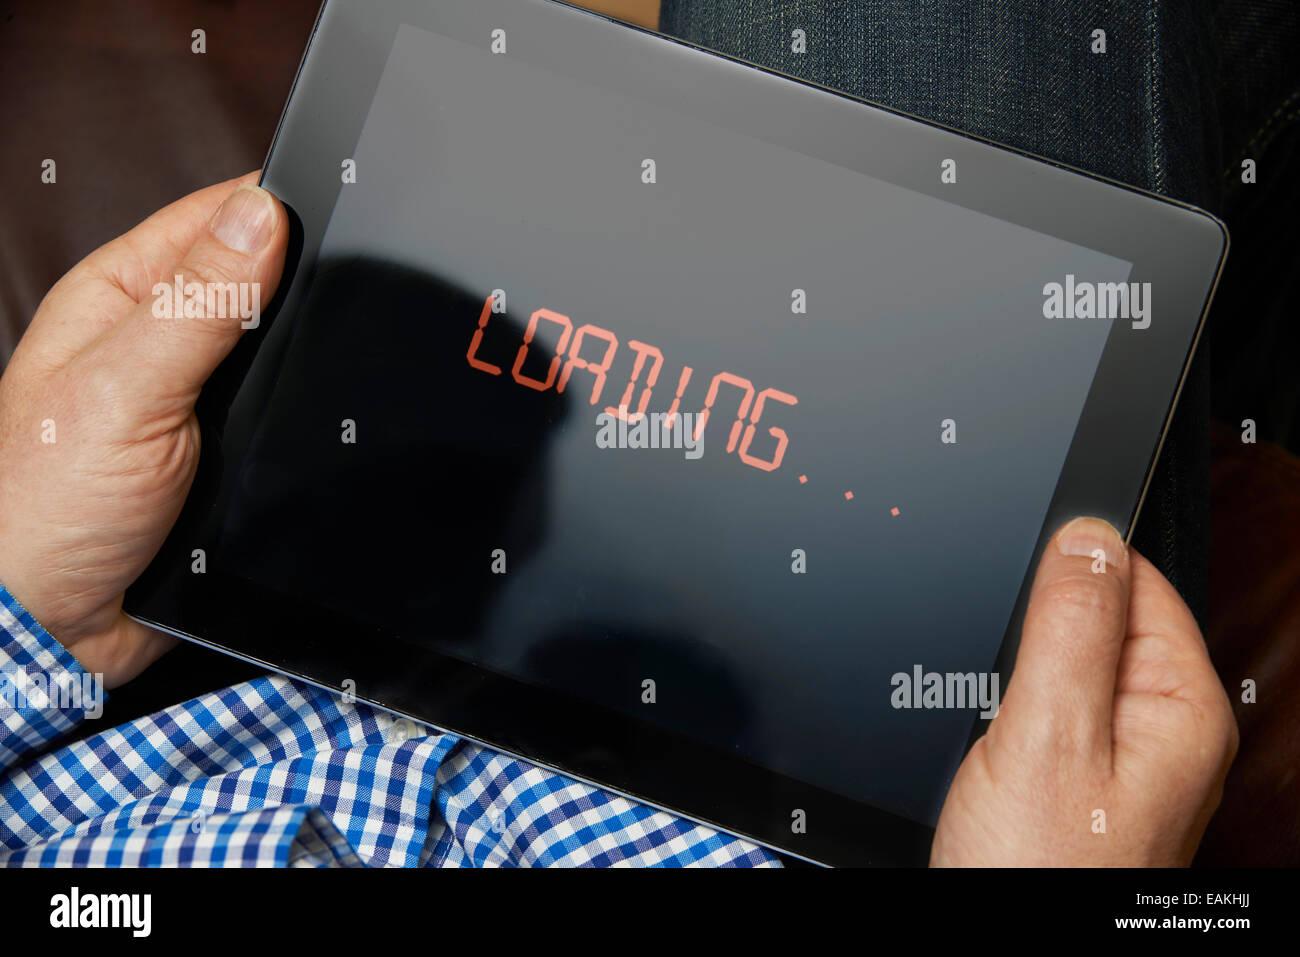 Connessione a Internet lenta sulla tavoletta digitale Immagini Stock